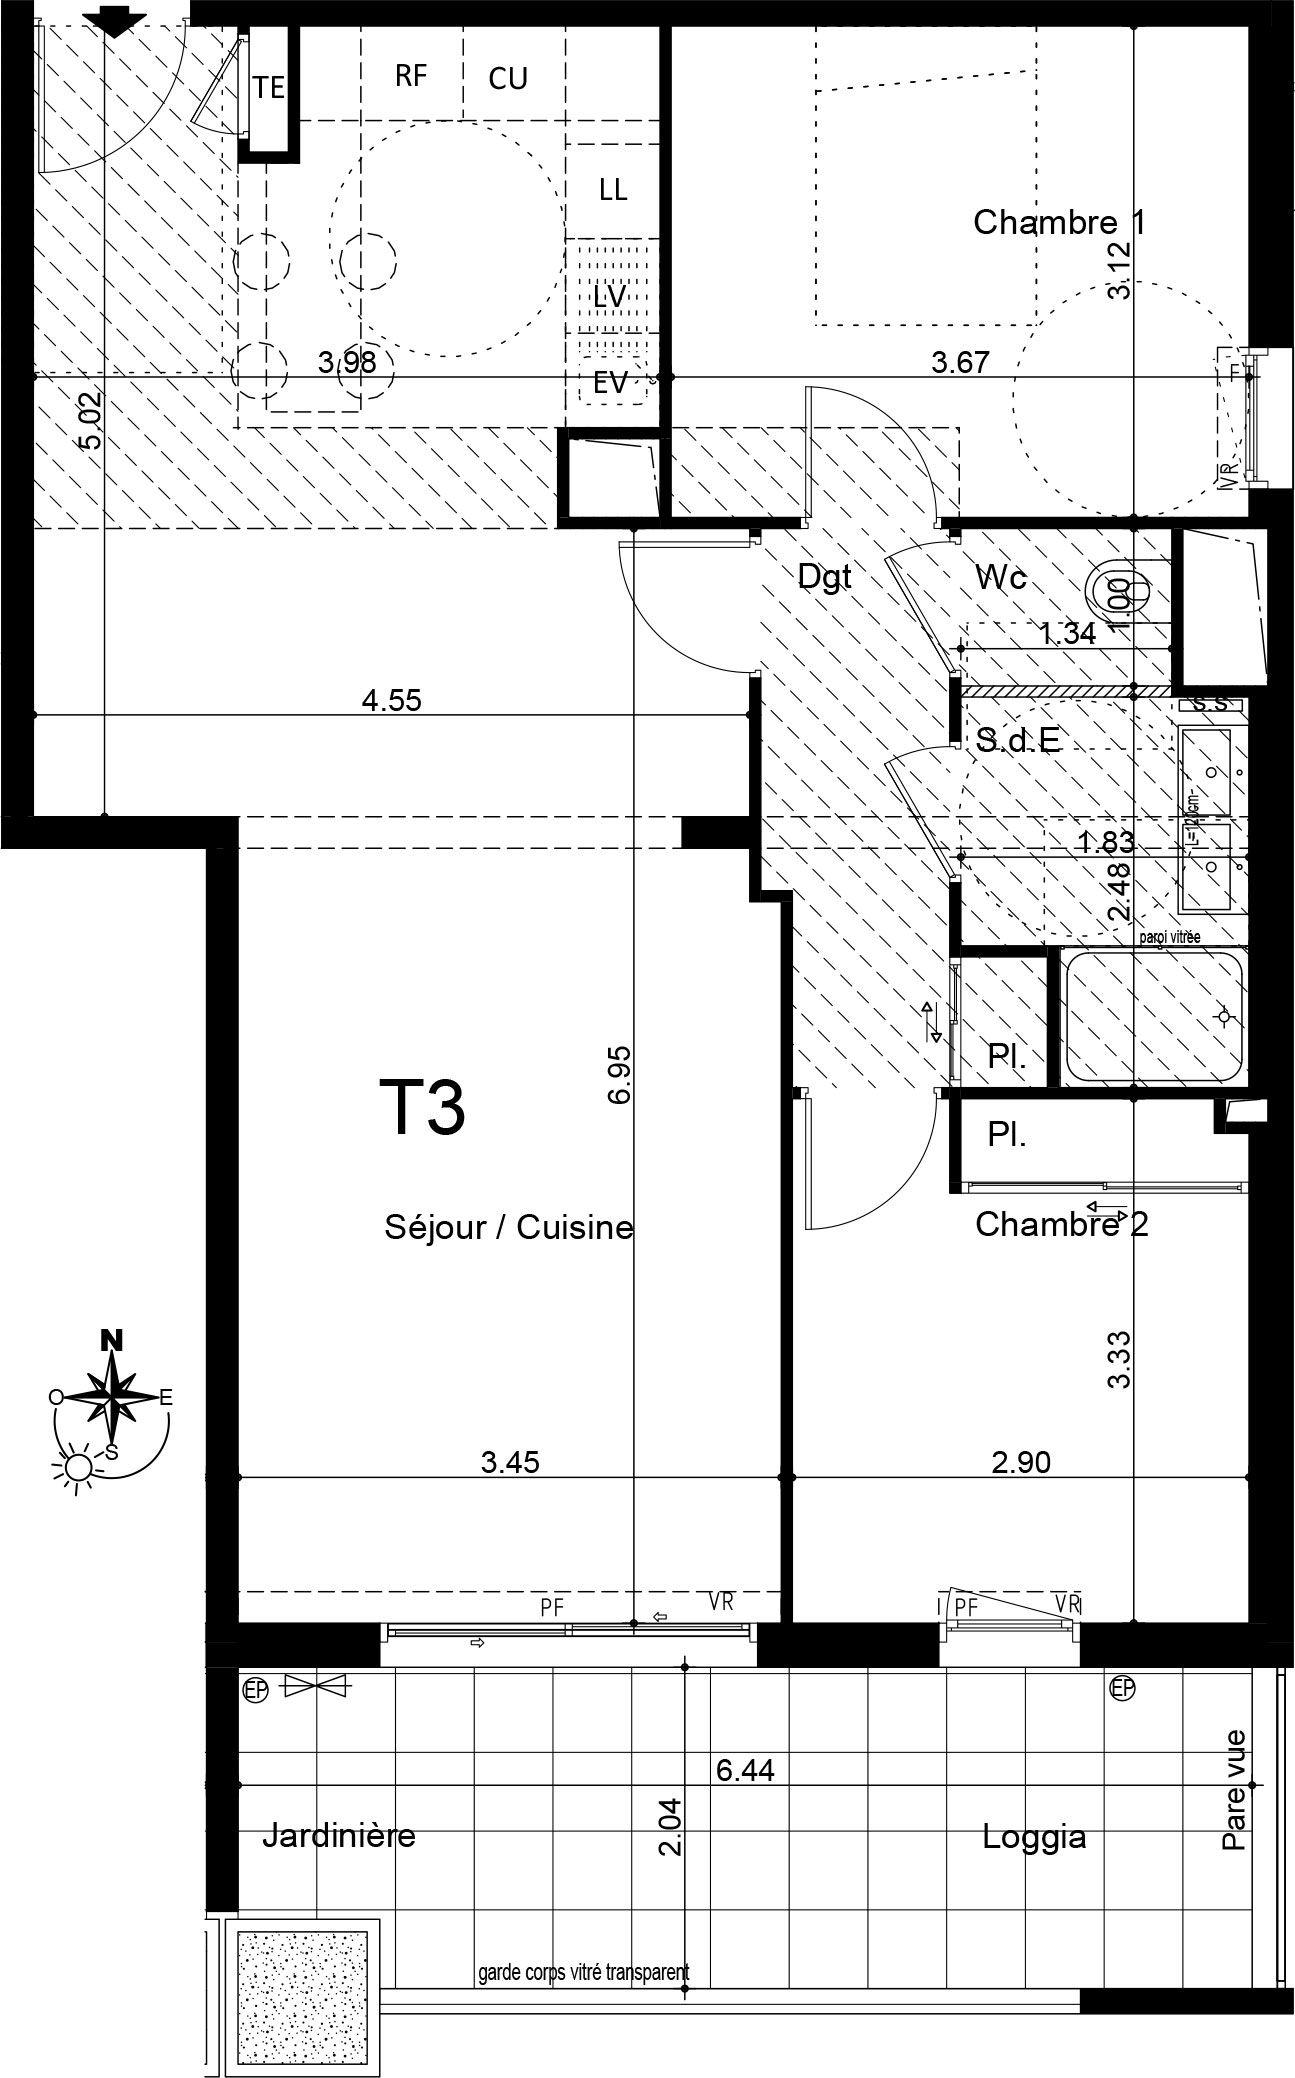 Appartement T3 de 68.60 m2 2ème étage S Villa Oleia Aix-en